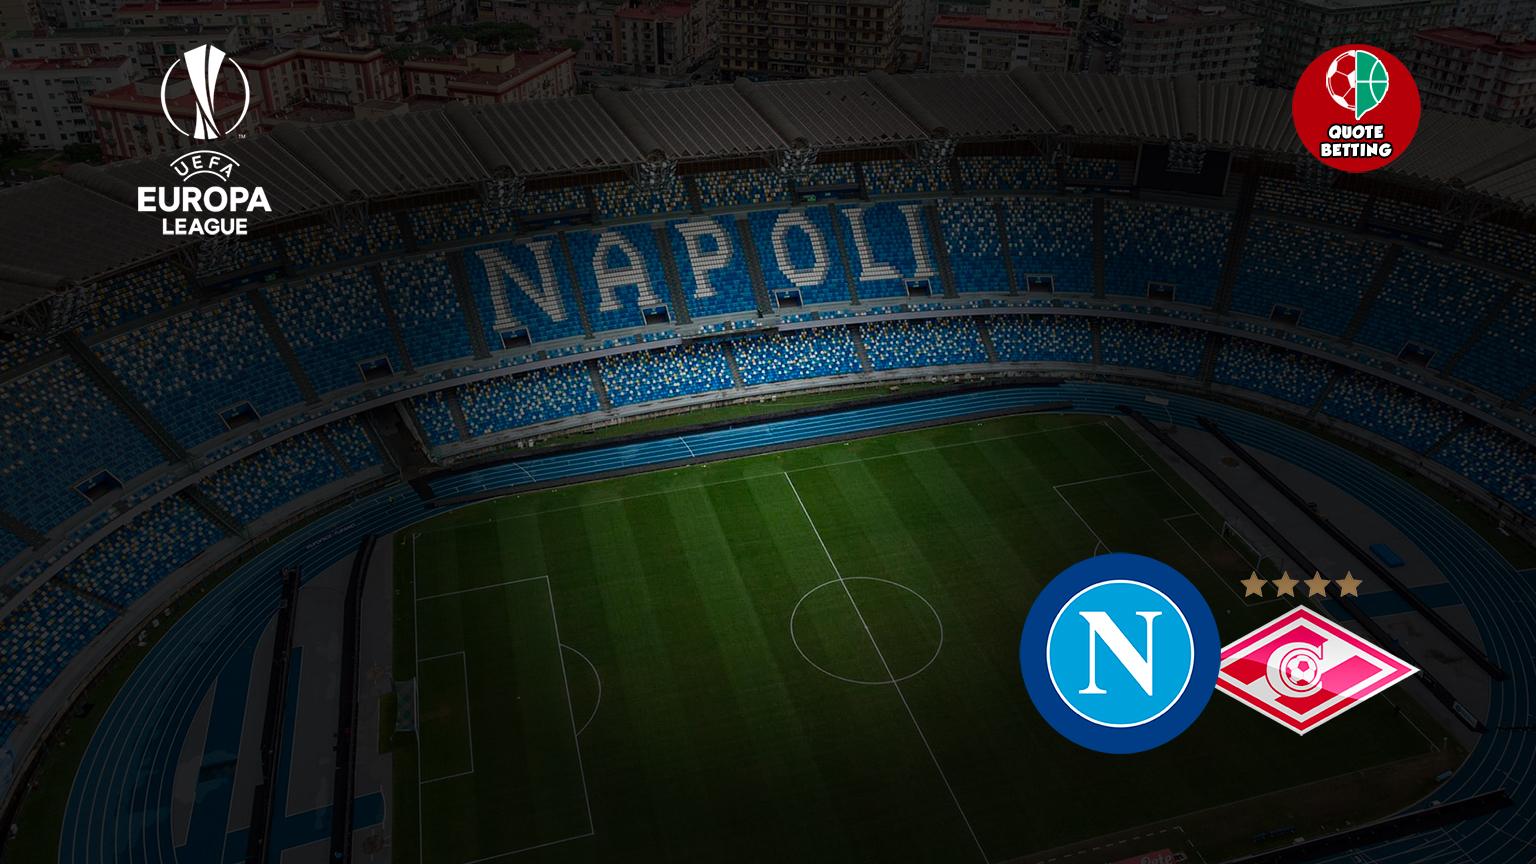 ssc napoli odds spartak moscow tempat untuk melihat di tv prediksi formasi odds taruhan olahraga liga europa UEL napoli-spartak